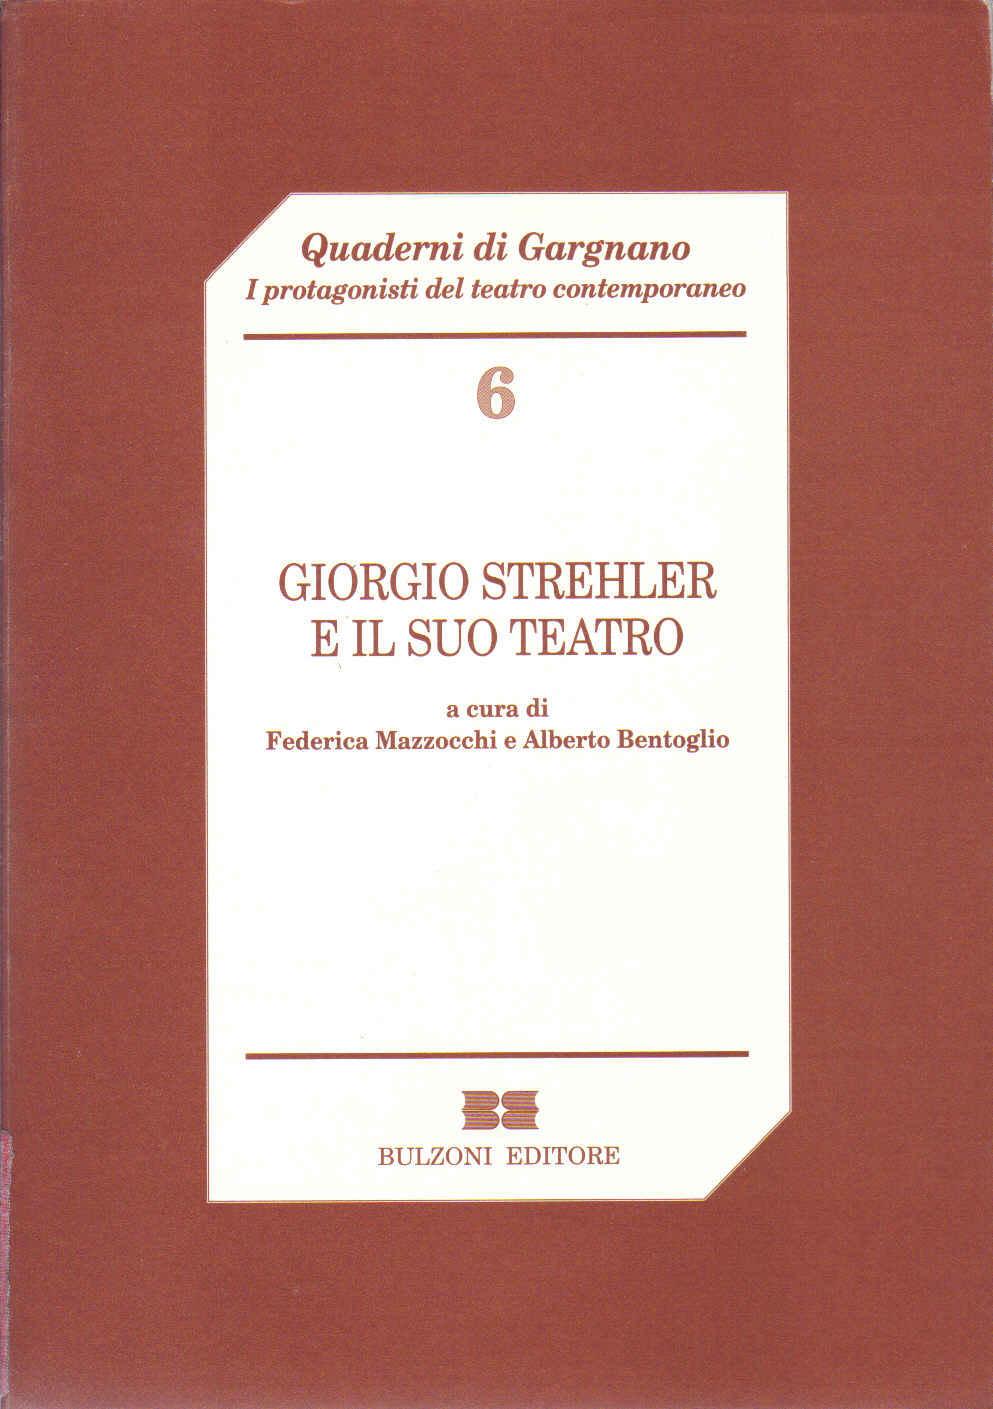 Giorgio Strehler e il suo teatro